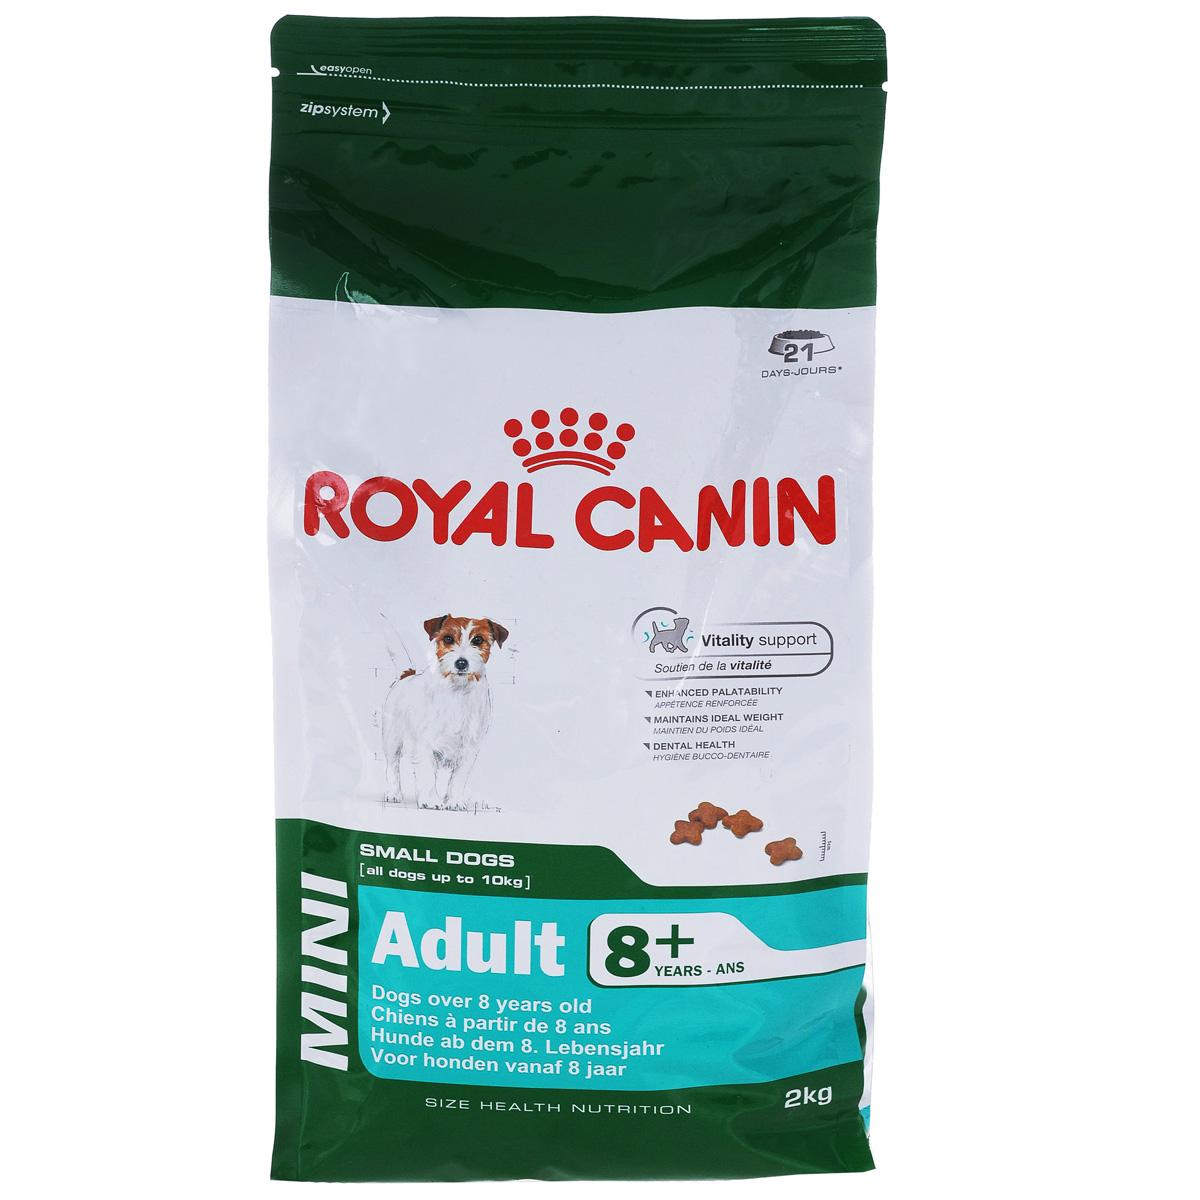 Корм сухой Royal Canin Mini Adult 8+, для собак весом до 10 кг старше 8 лет, 2 кг корм сухой royal canin mini light weight care для взрослых собак склонных к ожирению 2 кг